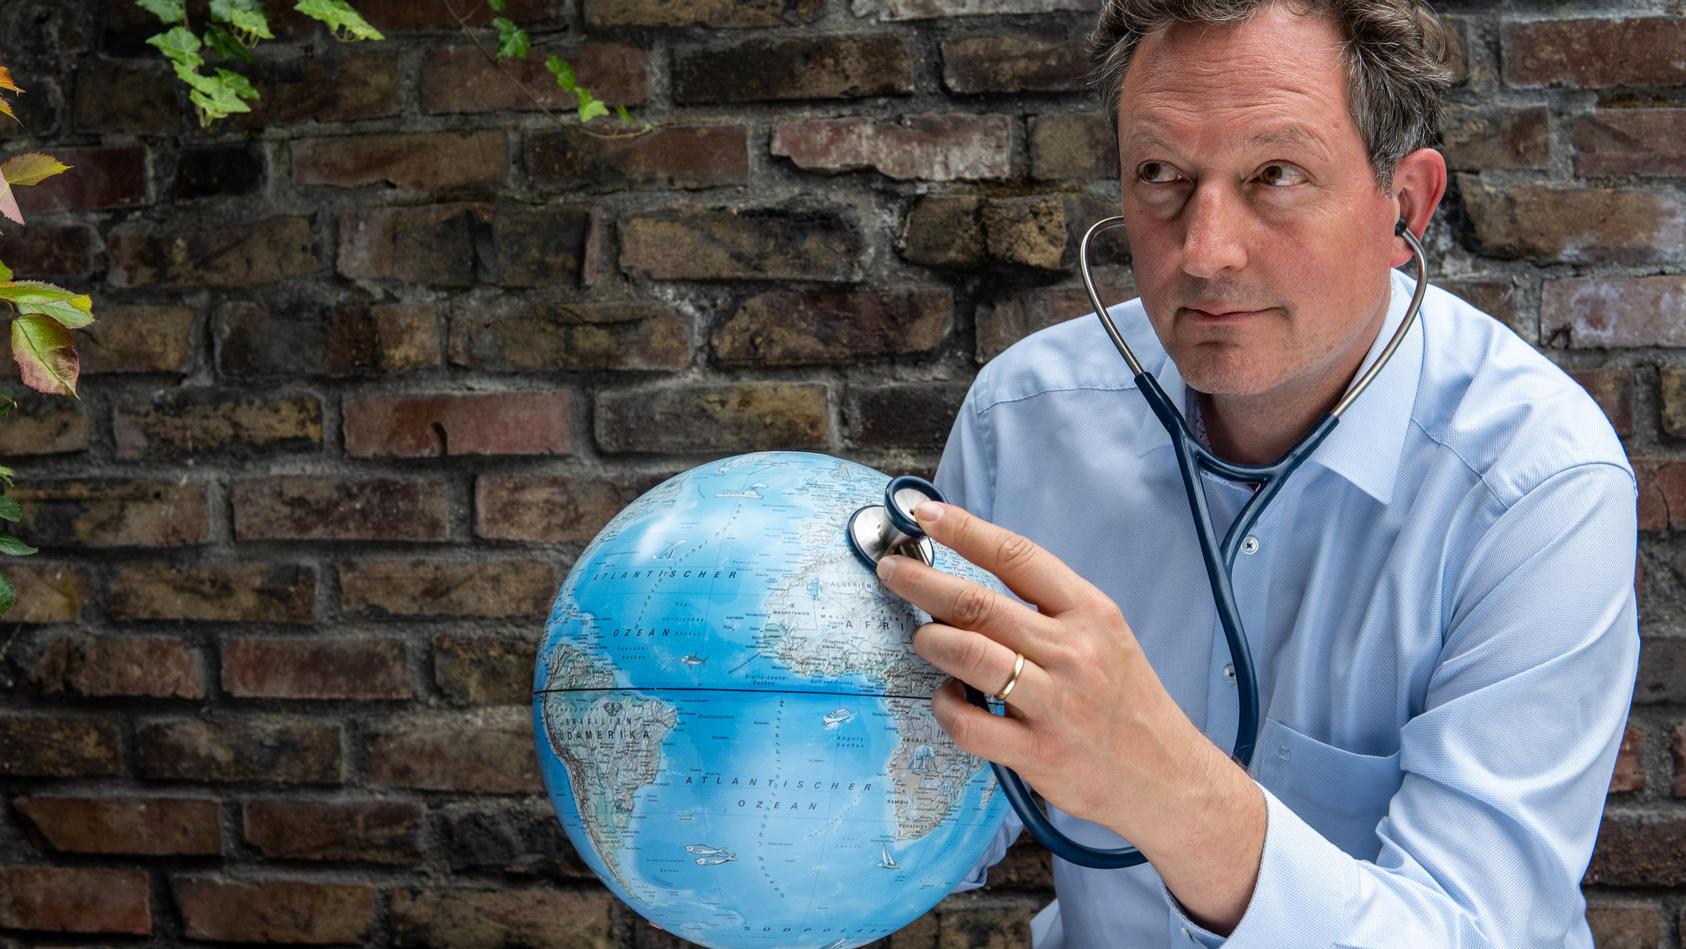 Mediziner Eckart von Hirschhausen analysiert in seinem neuen Buch die Klimakrise.